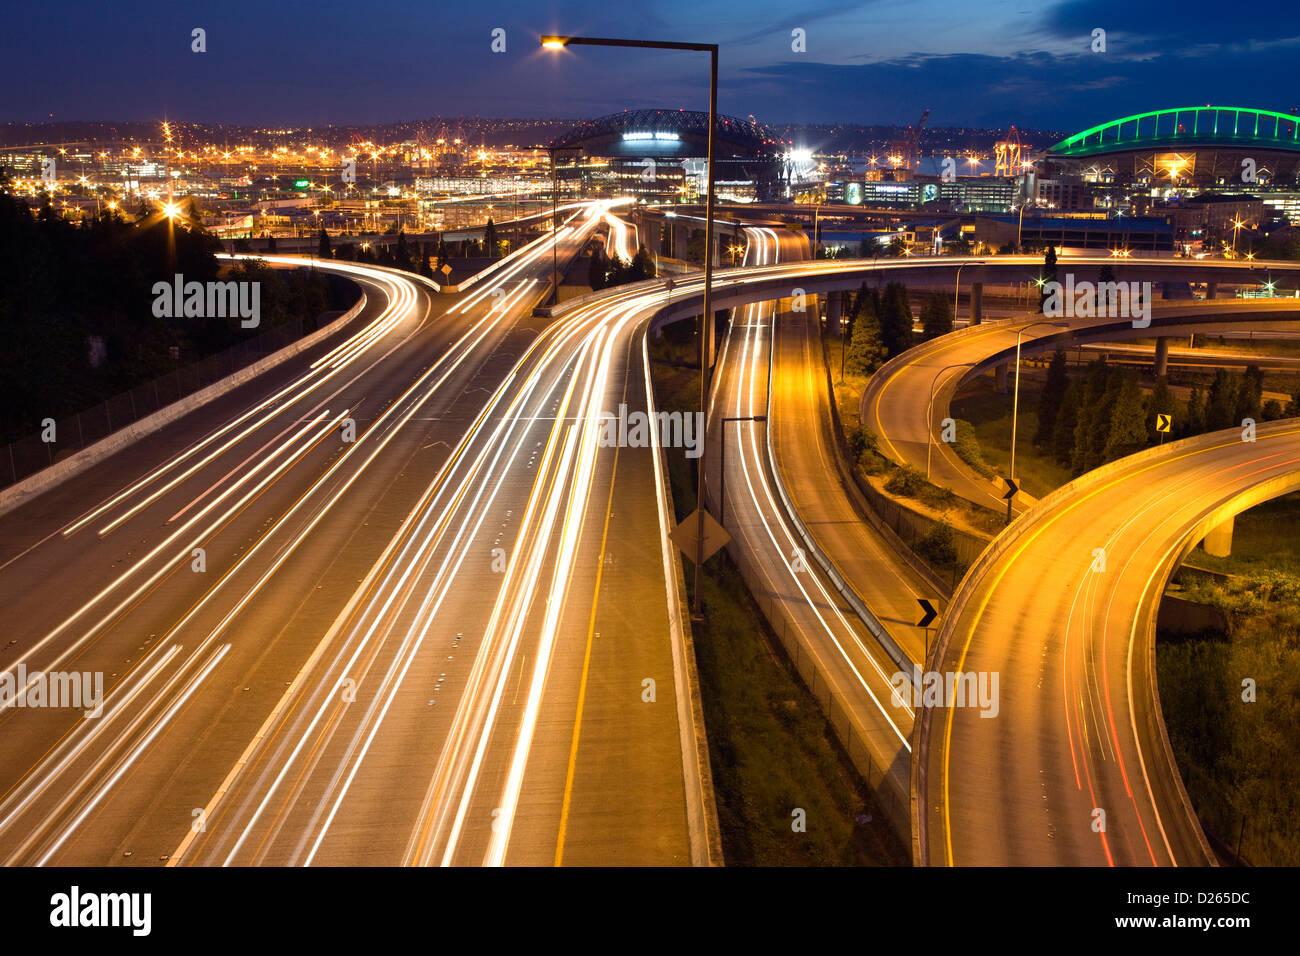 Interstate Highway Interchange Stock Photos & Interstate Highway ...